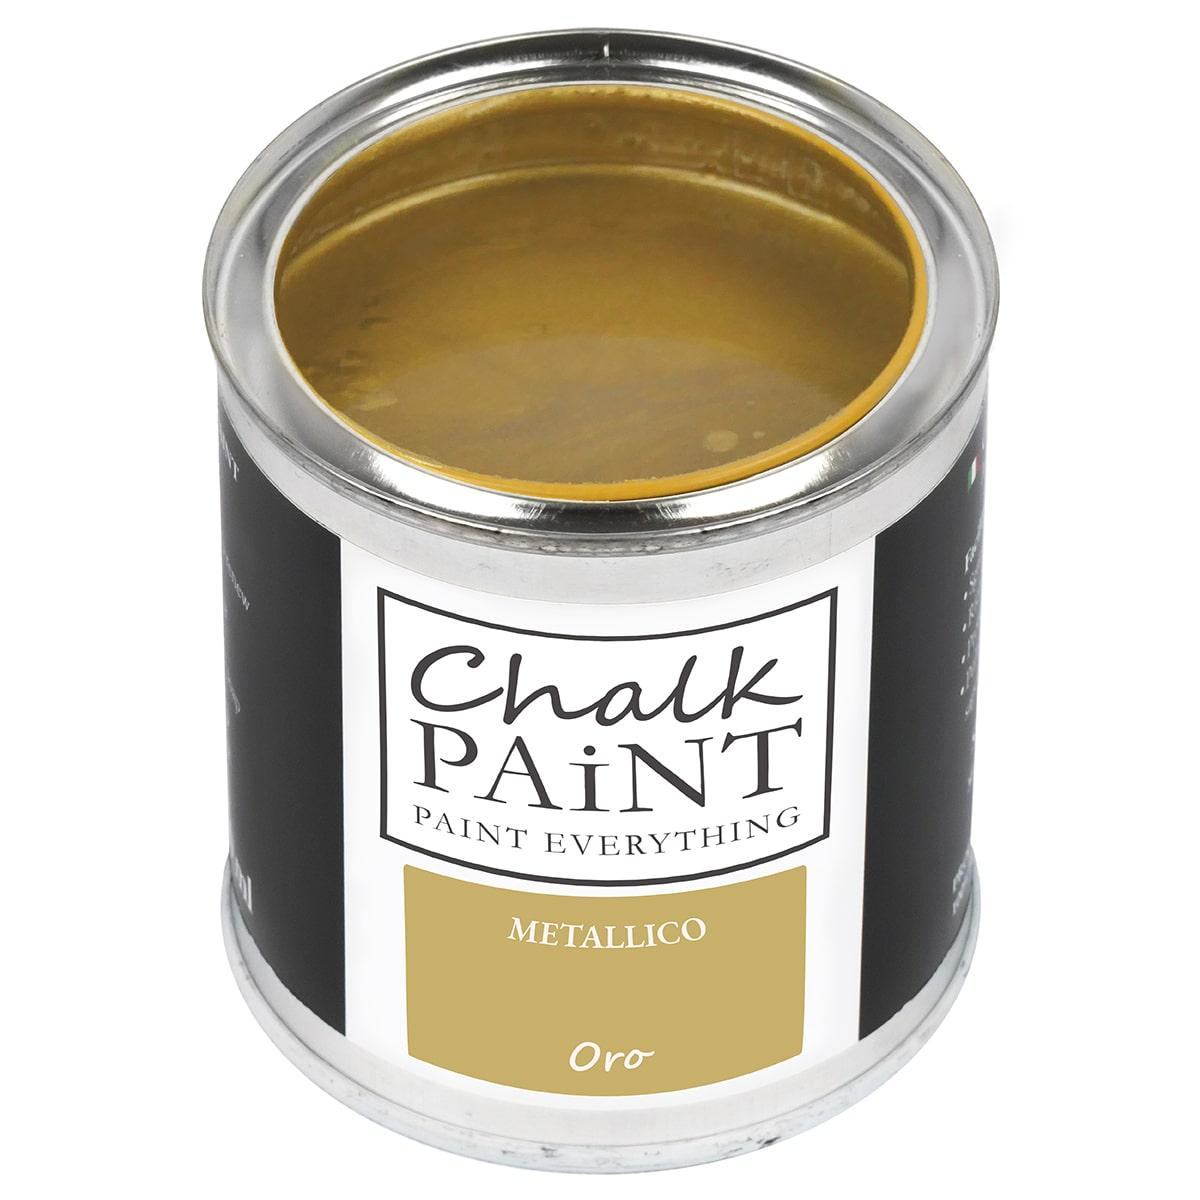 Vernice metallica ORO decora facile con questa paint magic